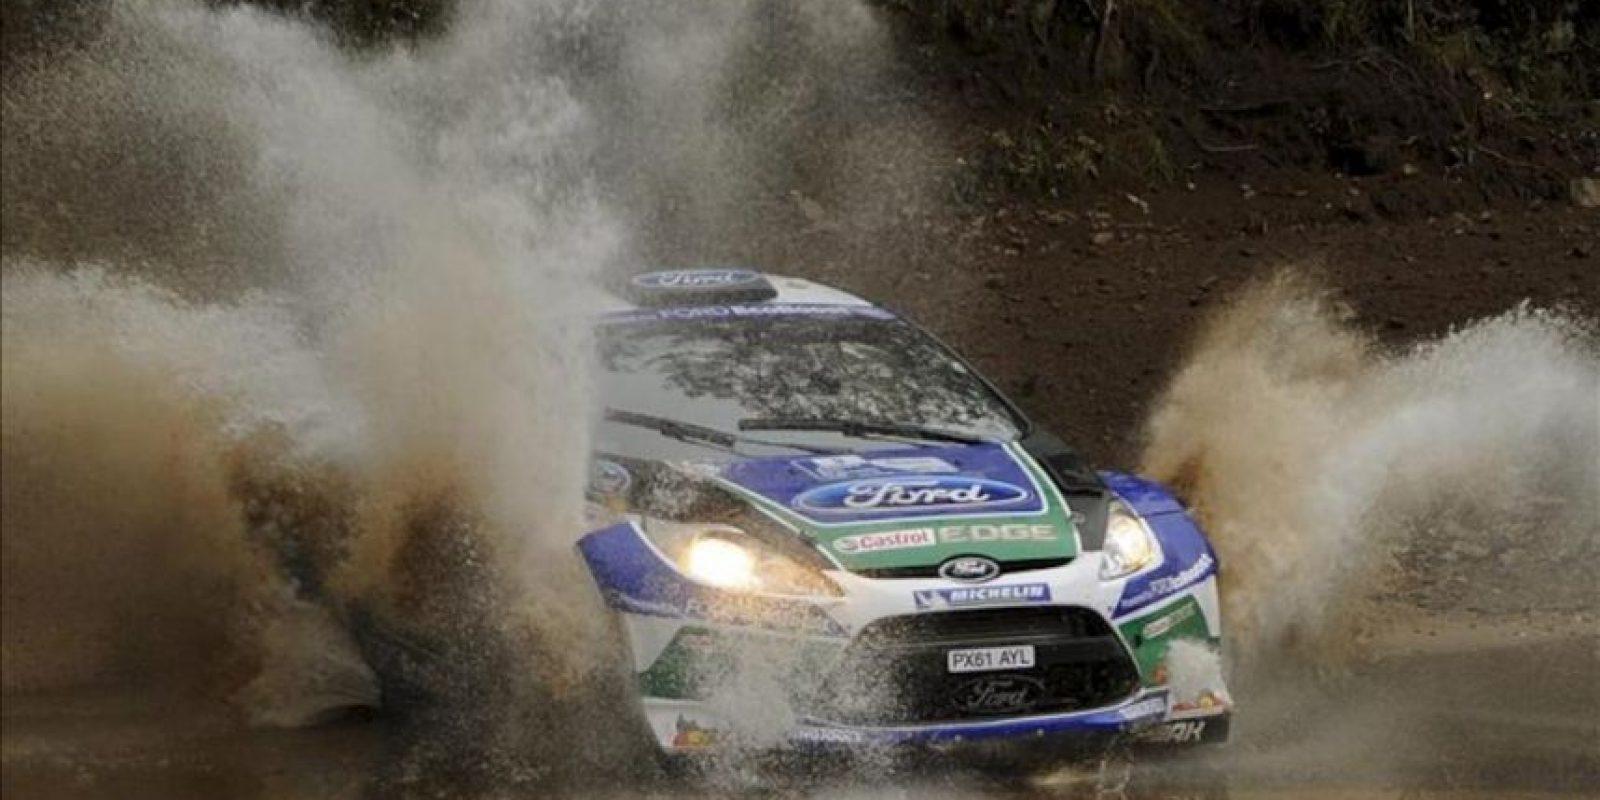 Fotografía distribuida del piloto español Daniel Sordo al volante de su Ford Fiesta RS durante la primera etapa del Rally de Argentina 2012 a su paso por Villa Carlos Paz, Argentina, el pasado 27 de abril. EFE